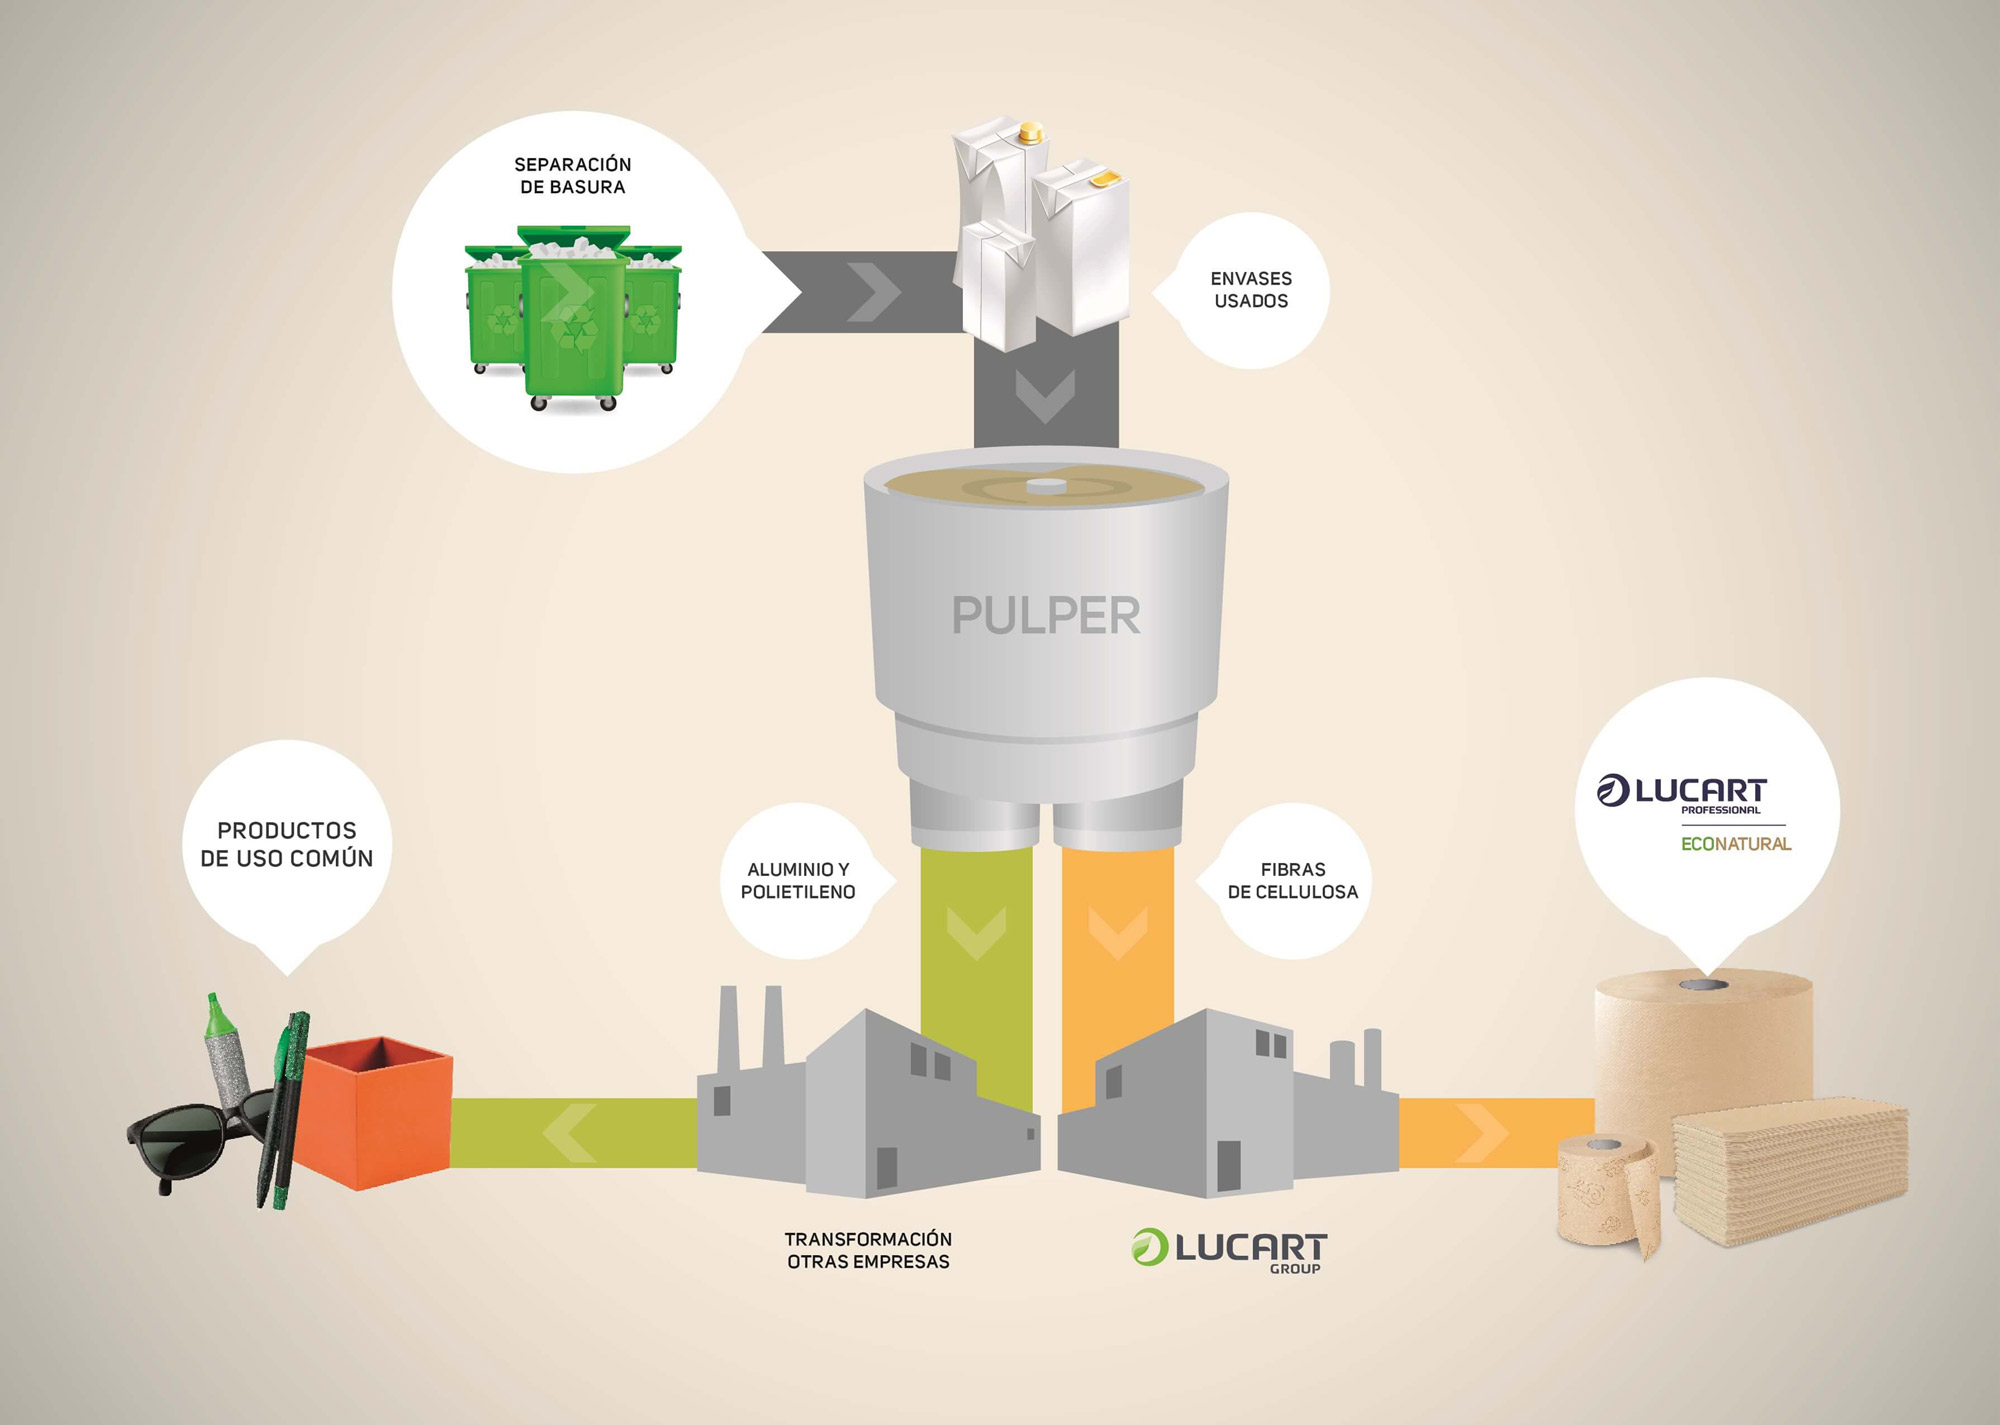 Secuencia reciclado econatural